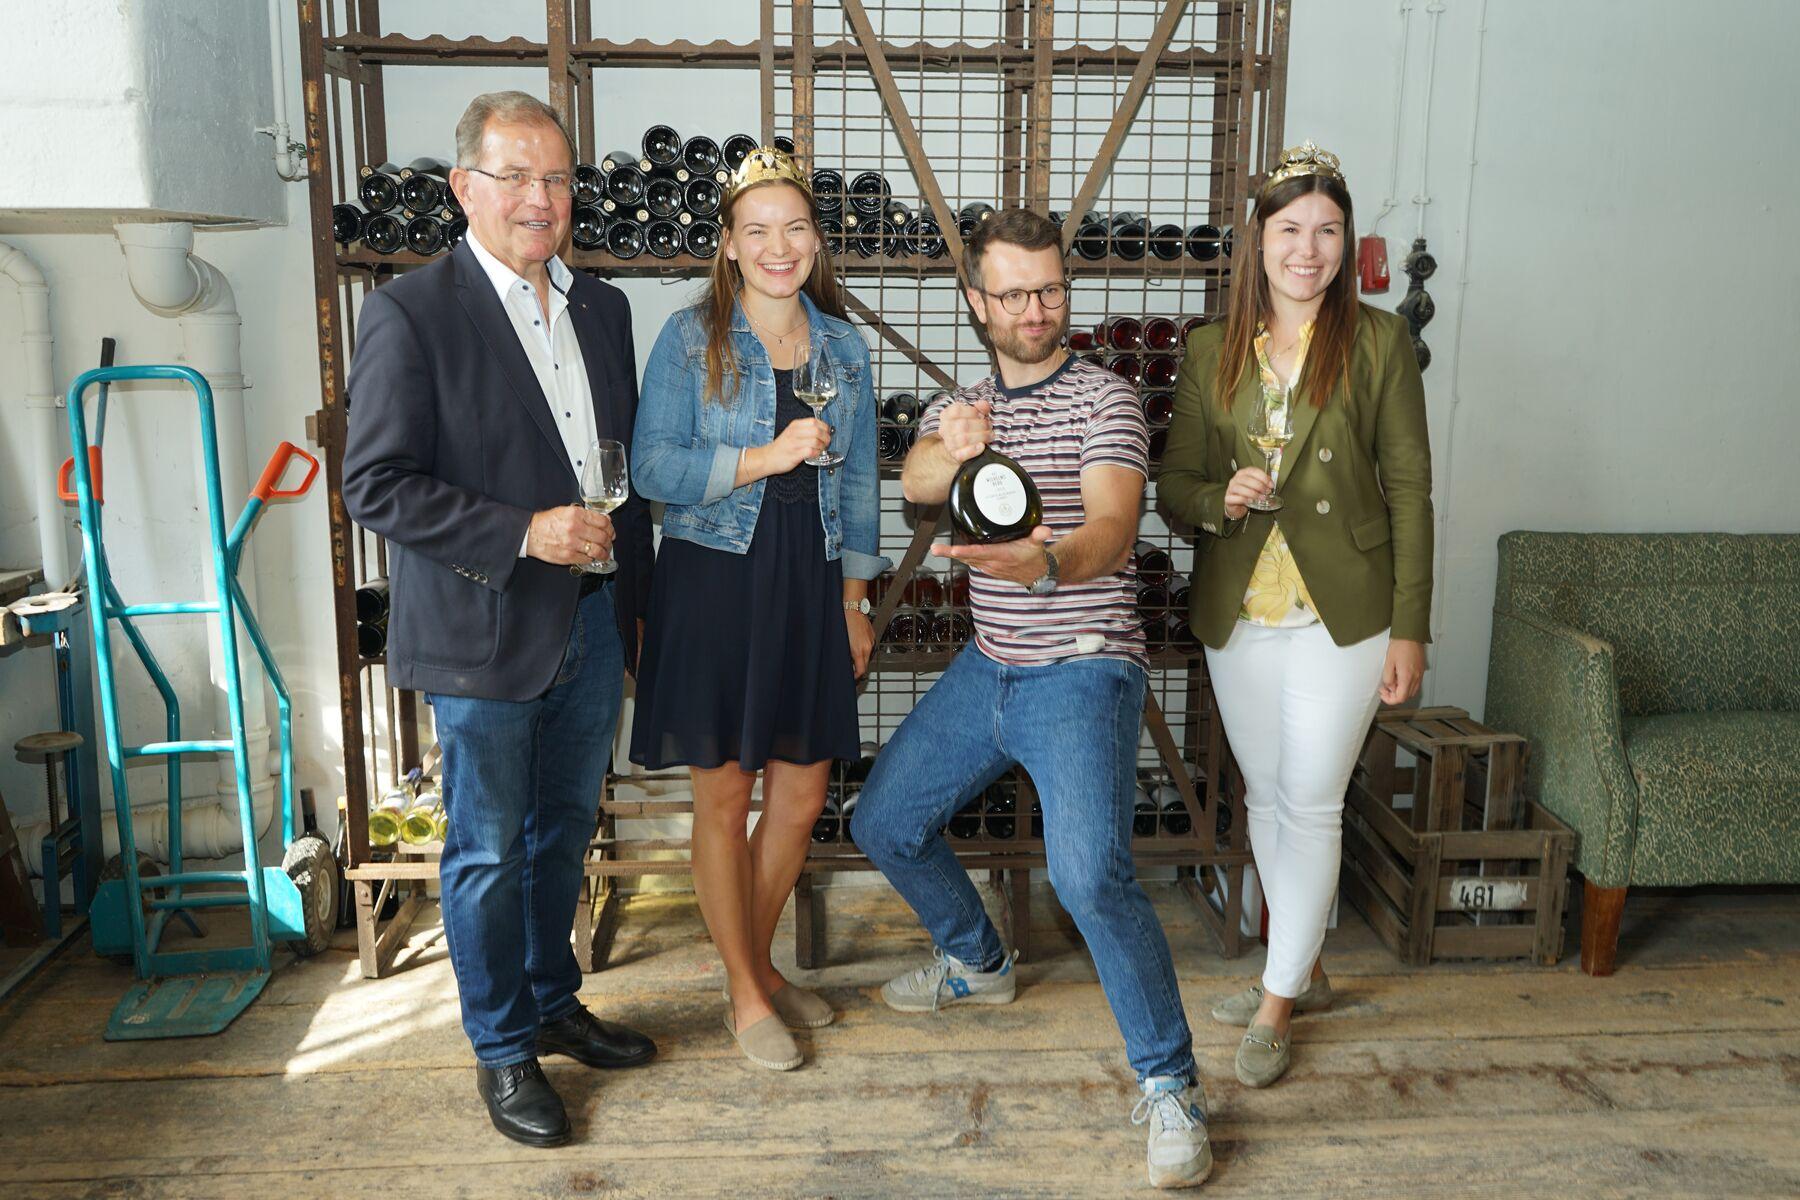 Bezirkstagspräsident Dotzel posiert mit drei Personen vor einem Weinregal